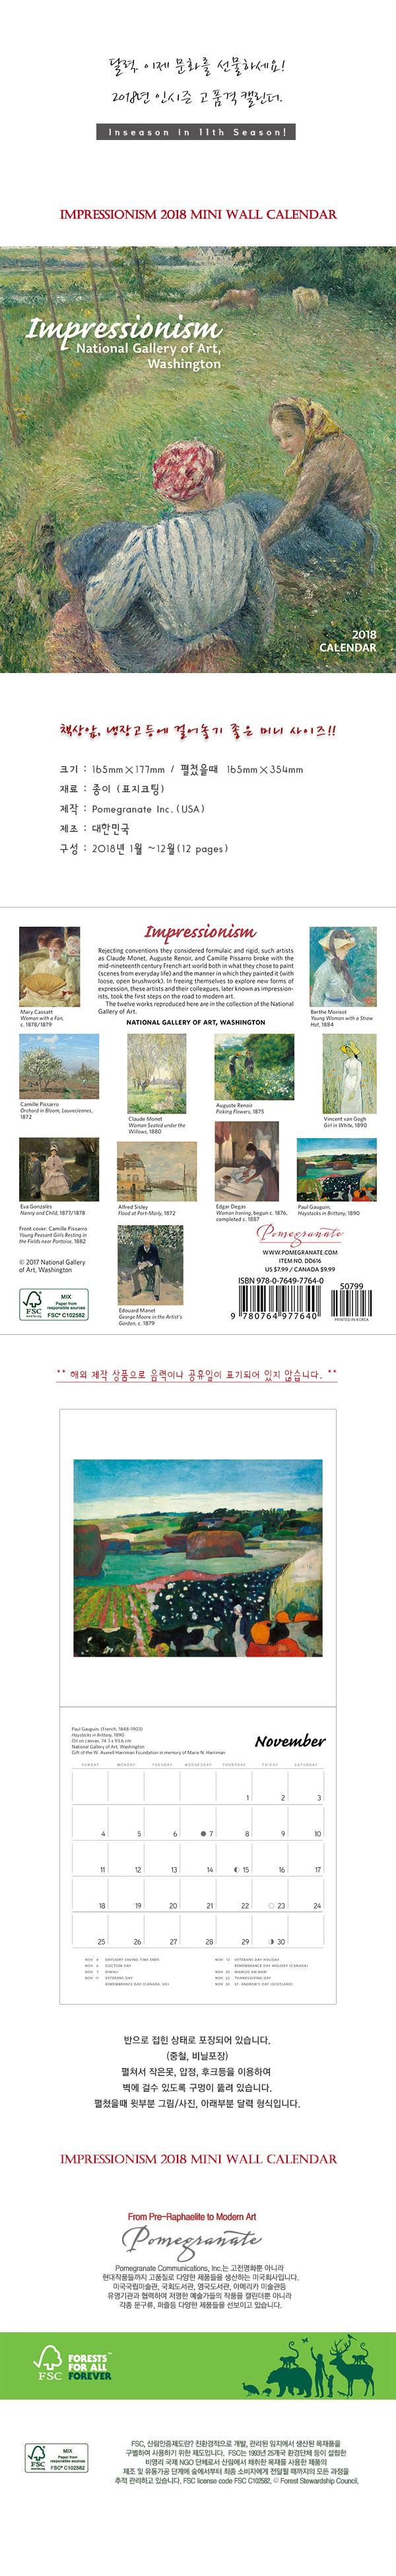 2018 미니캘린더 인상주의 Impressionism11,000원-포미그레닛디자인문구, 다이어리/캘린더, 캘린더, 벽걸이캘린더날짜형바보사랑2018 미니캘린더 인상주의 Impressionism11,000원-포미그레닛디자인문구, 다이어리/캘린더, 캘린더, 벽걸이캘린더날짜형바보사랑